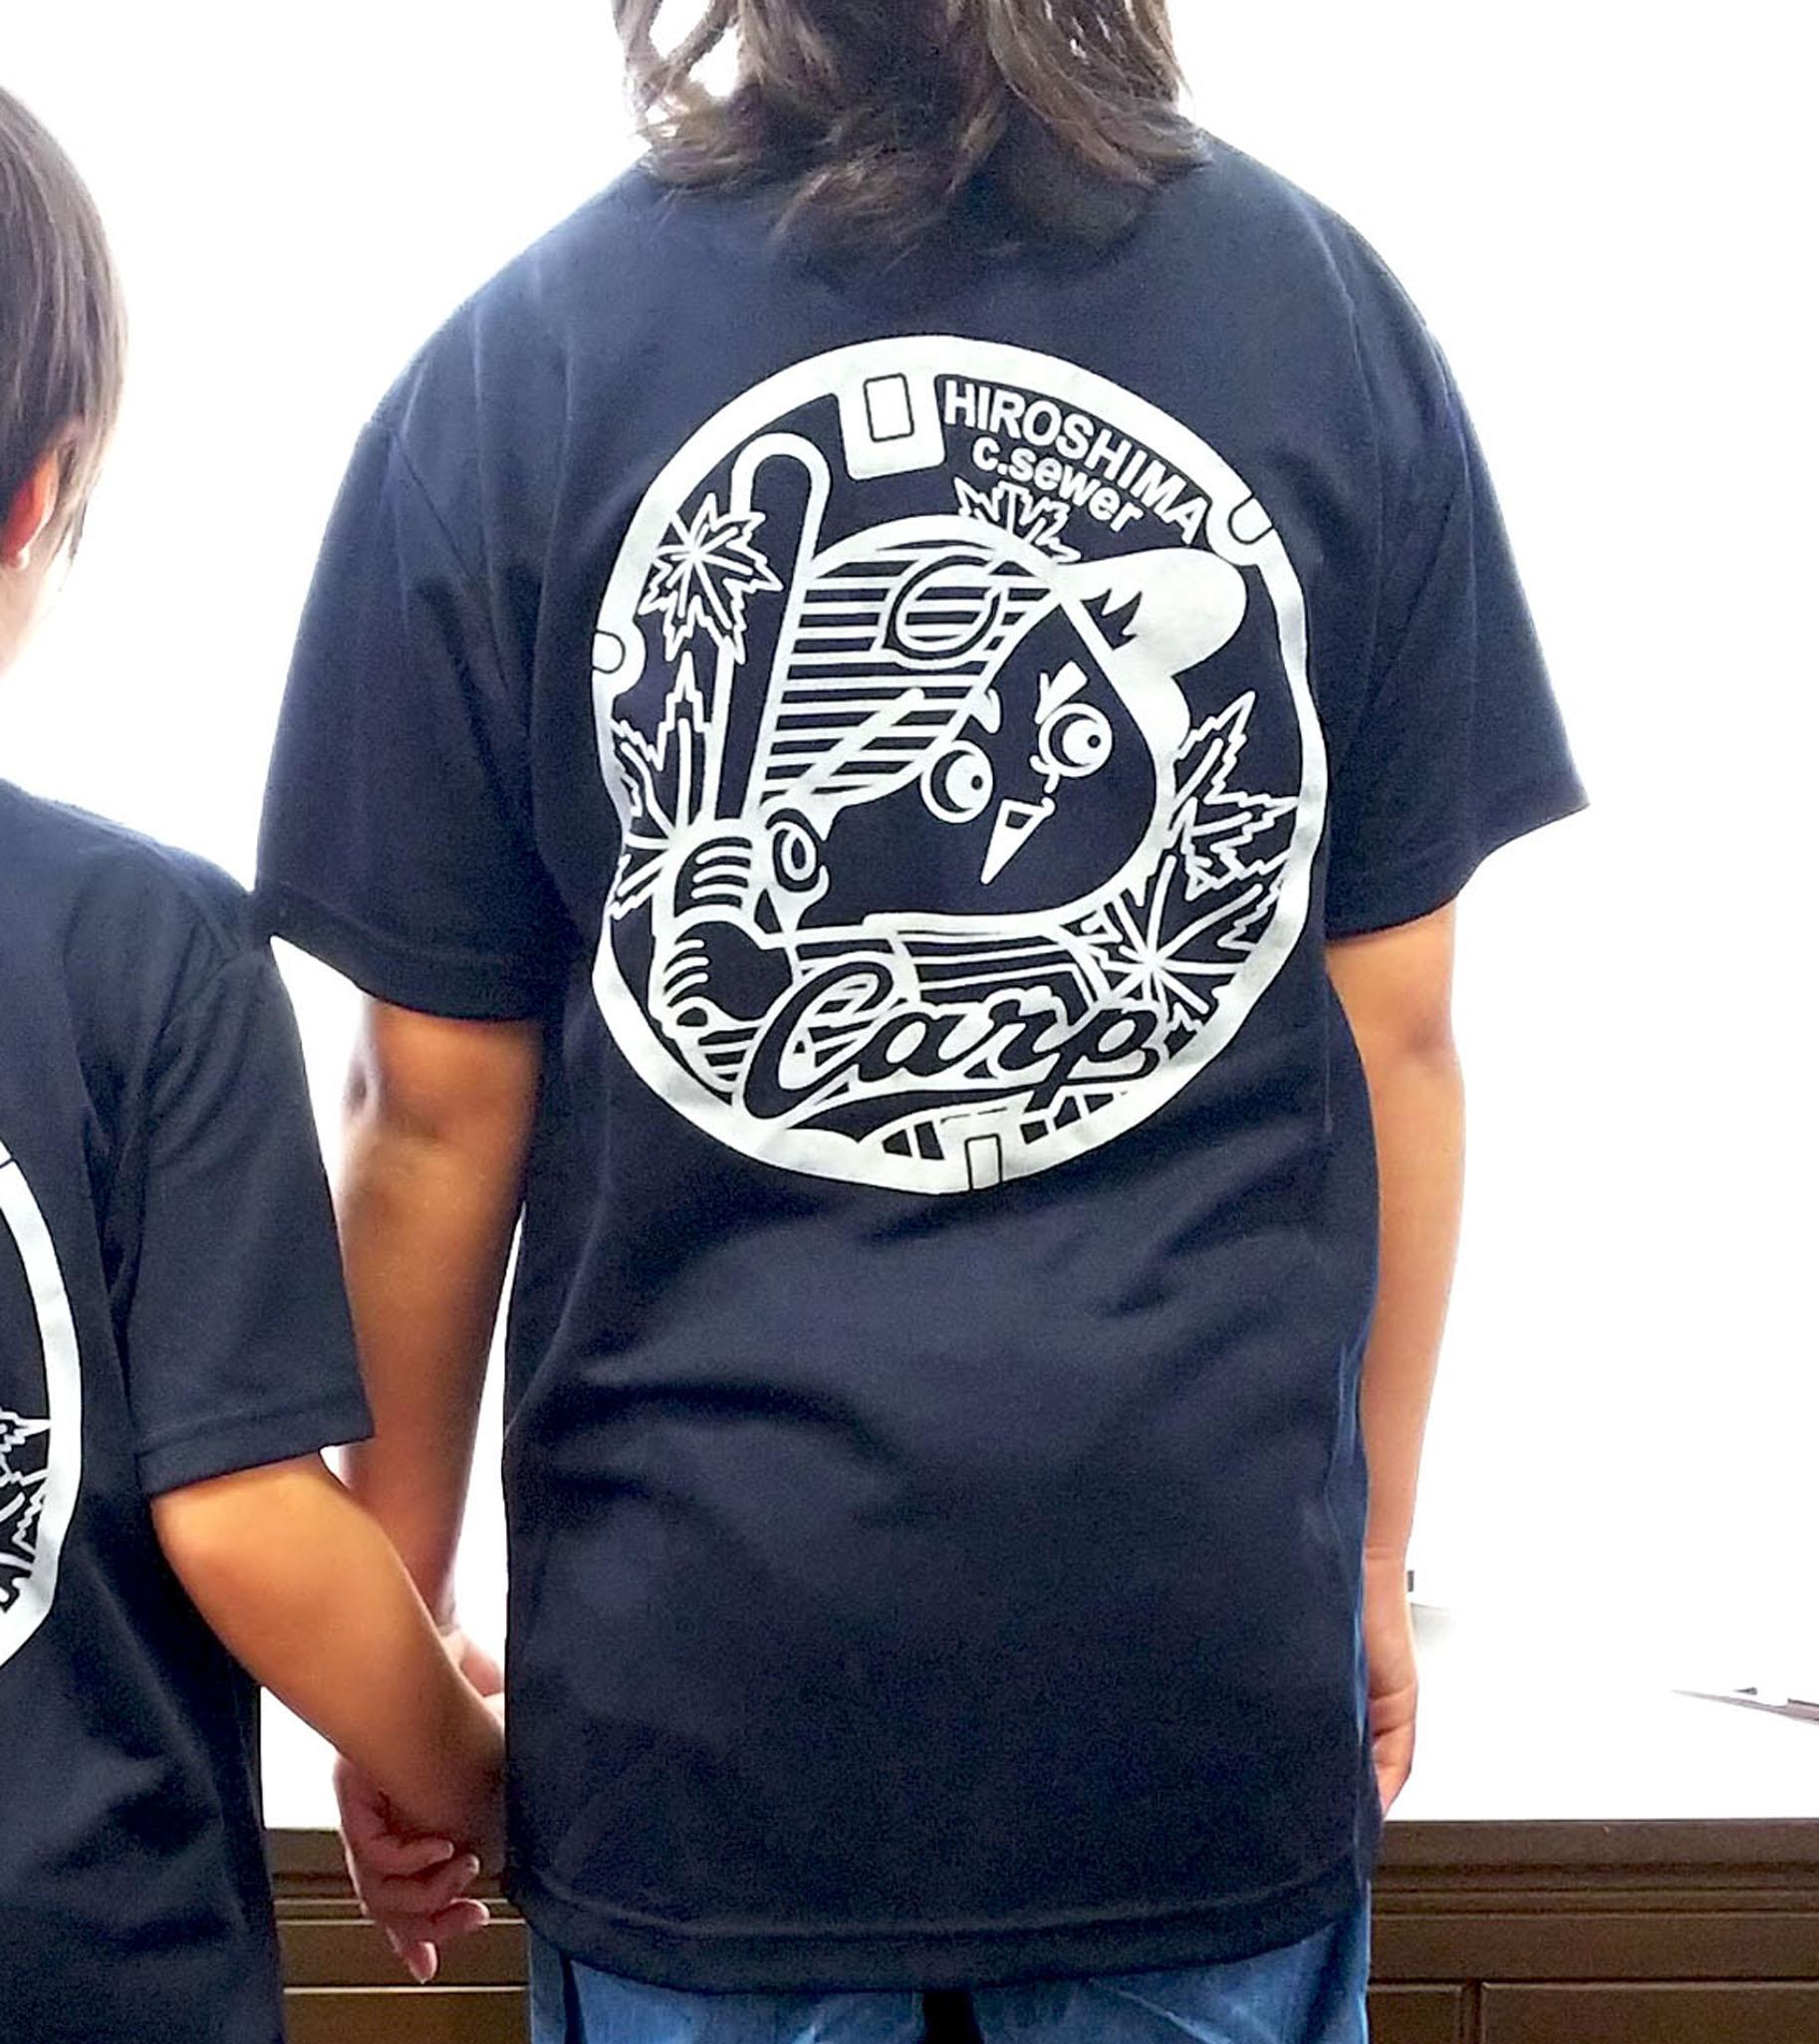 ご当地マンホールTシャツ 広島東洋カープ×広島市下水道局 ネイビー 【子ども用】